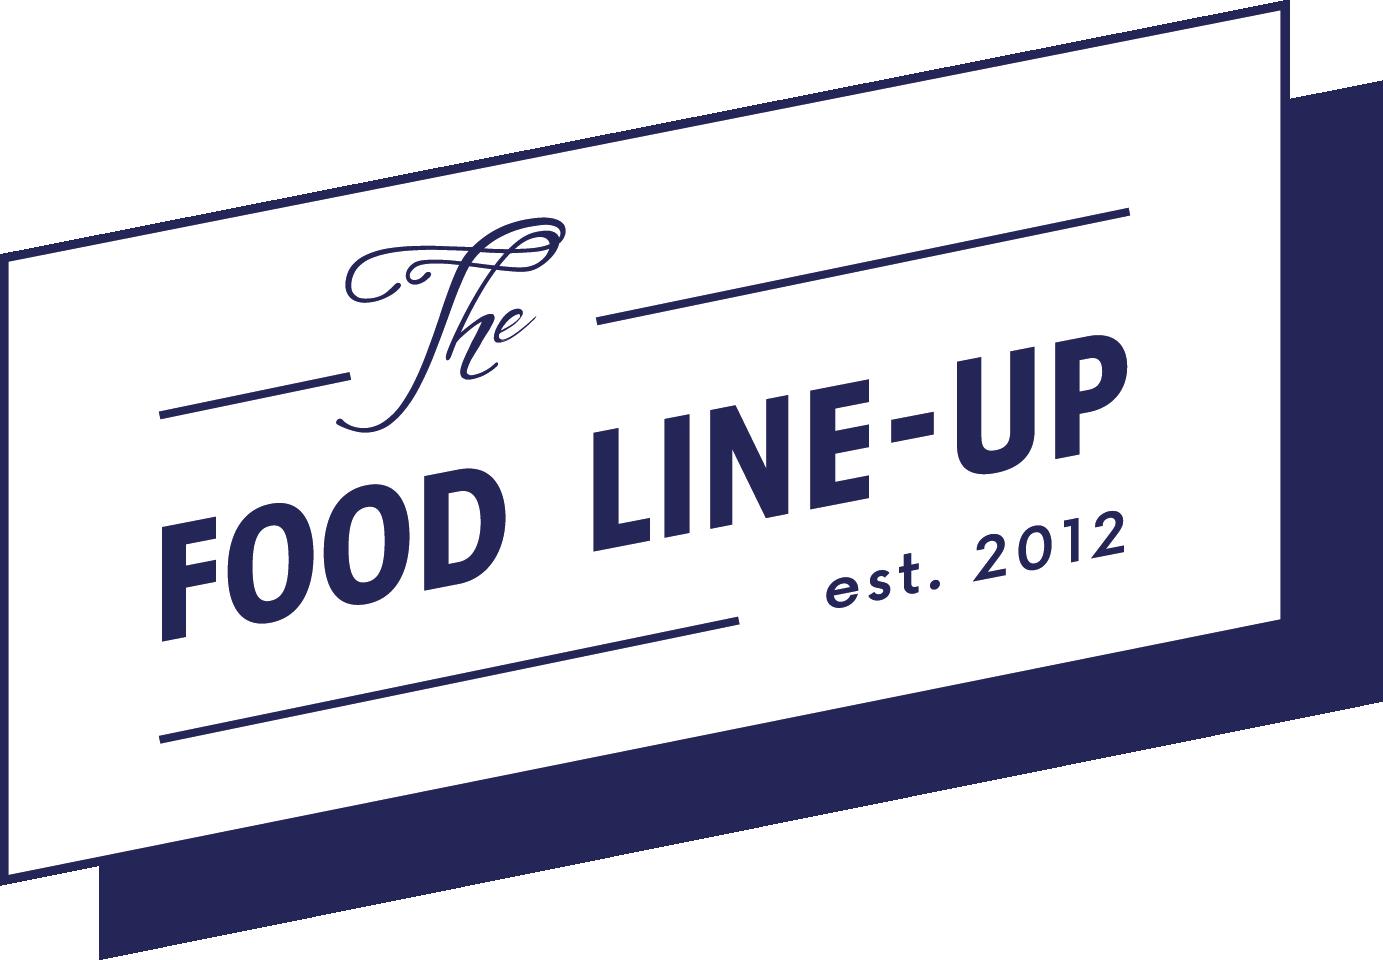 The Food Line-up - Er is een revolutie gaande in event-catering. Niet 1 cateraar maar een line-up van meerdere gepassioneerde chefs en ondernemers met waanzinnig lekkere specialiteiten tillen zakelijke feesten & festivals, seated diners en congressen naar een hoger niveau.